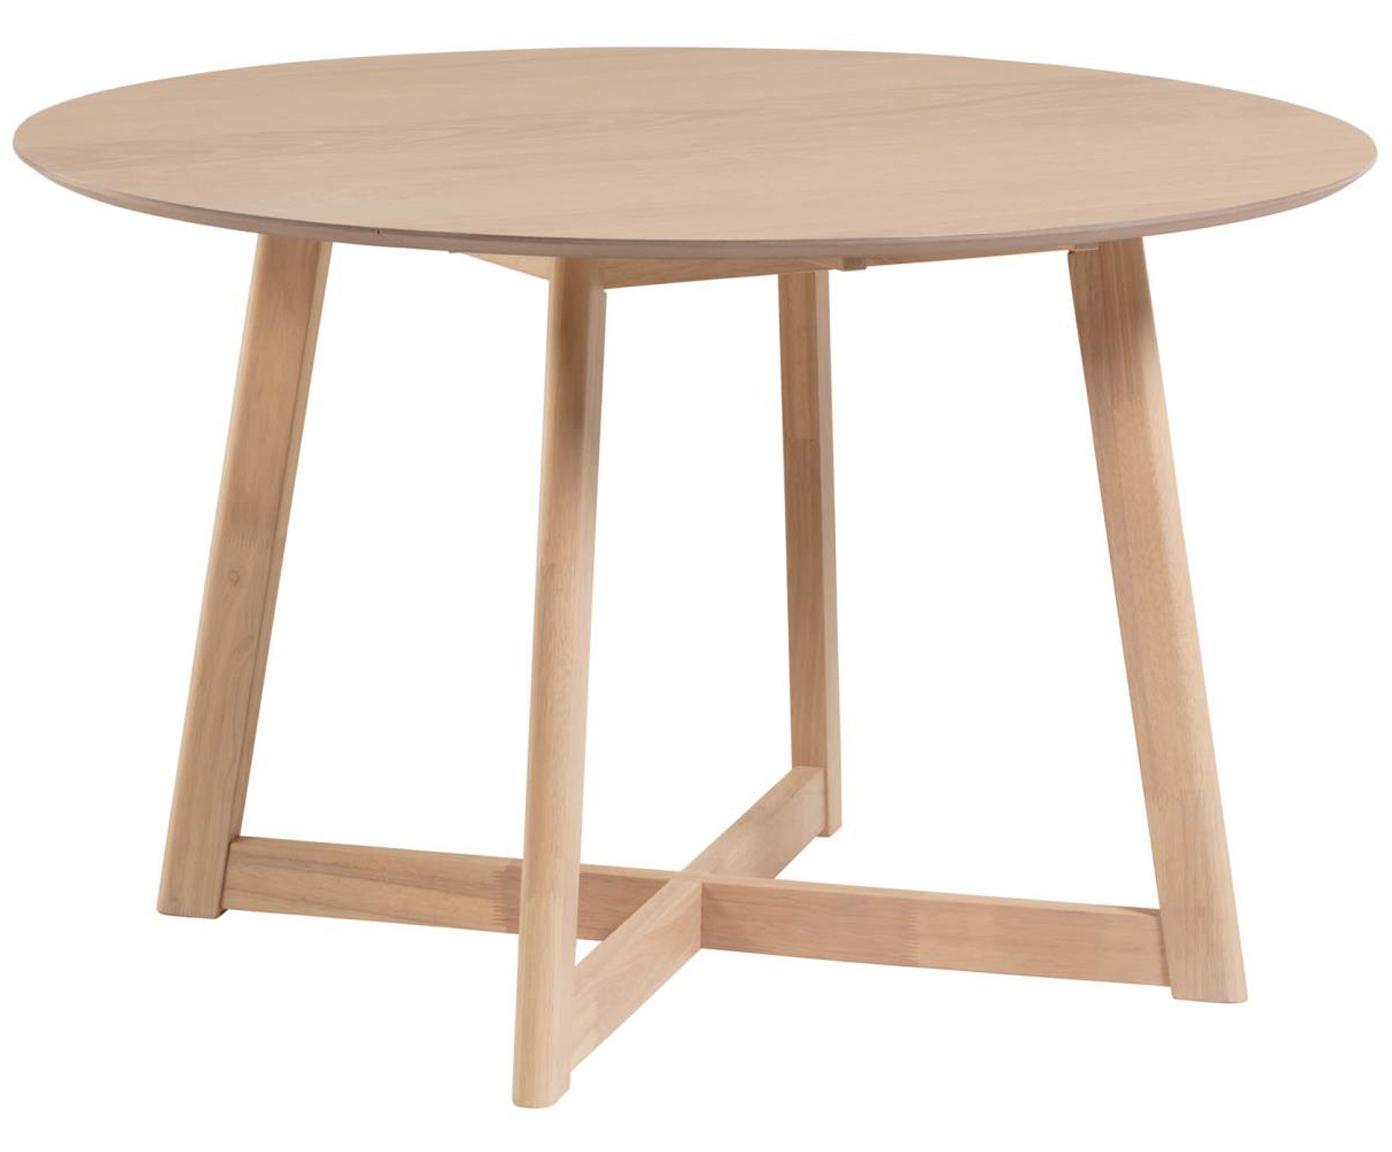 Tavolo rotondo con finitura in quercia Maryse, Piano d'appoggio: pannelli di fibra a media, Gambe: legno di caucciù massicci, Bianco, Ø 120 x Alt. 75 cm